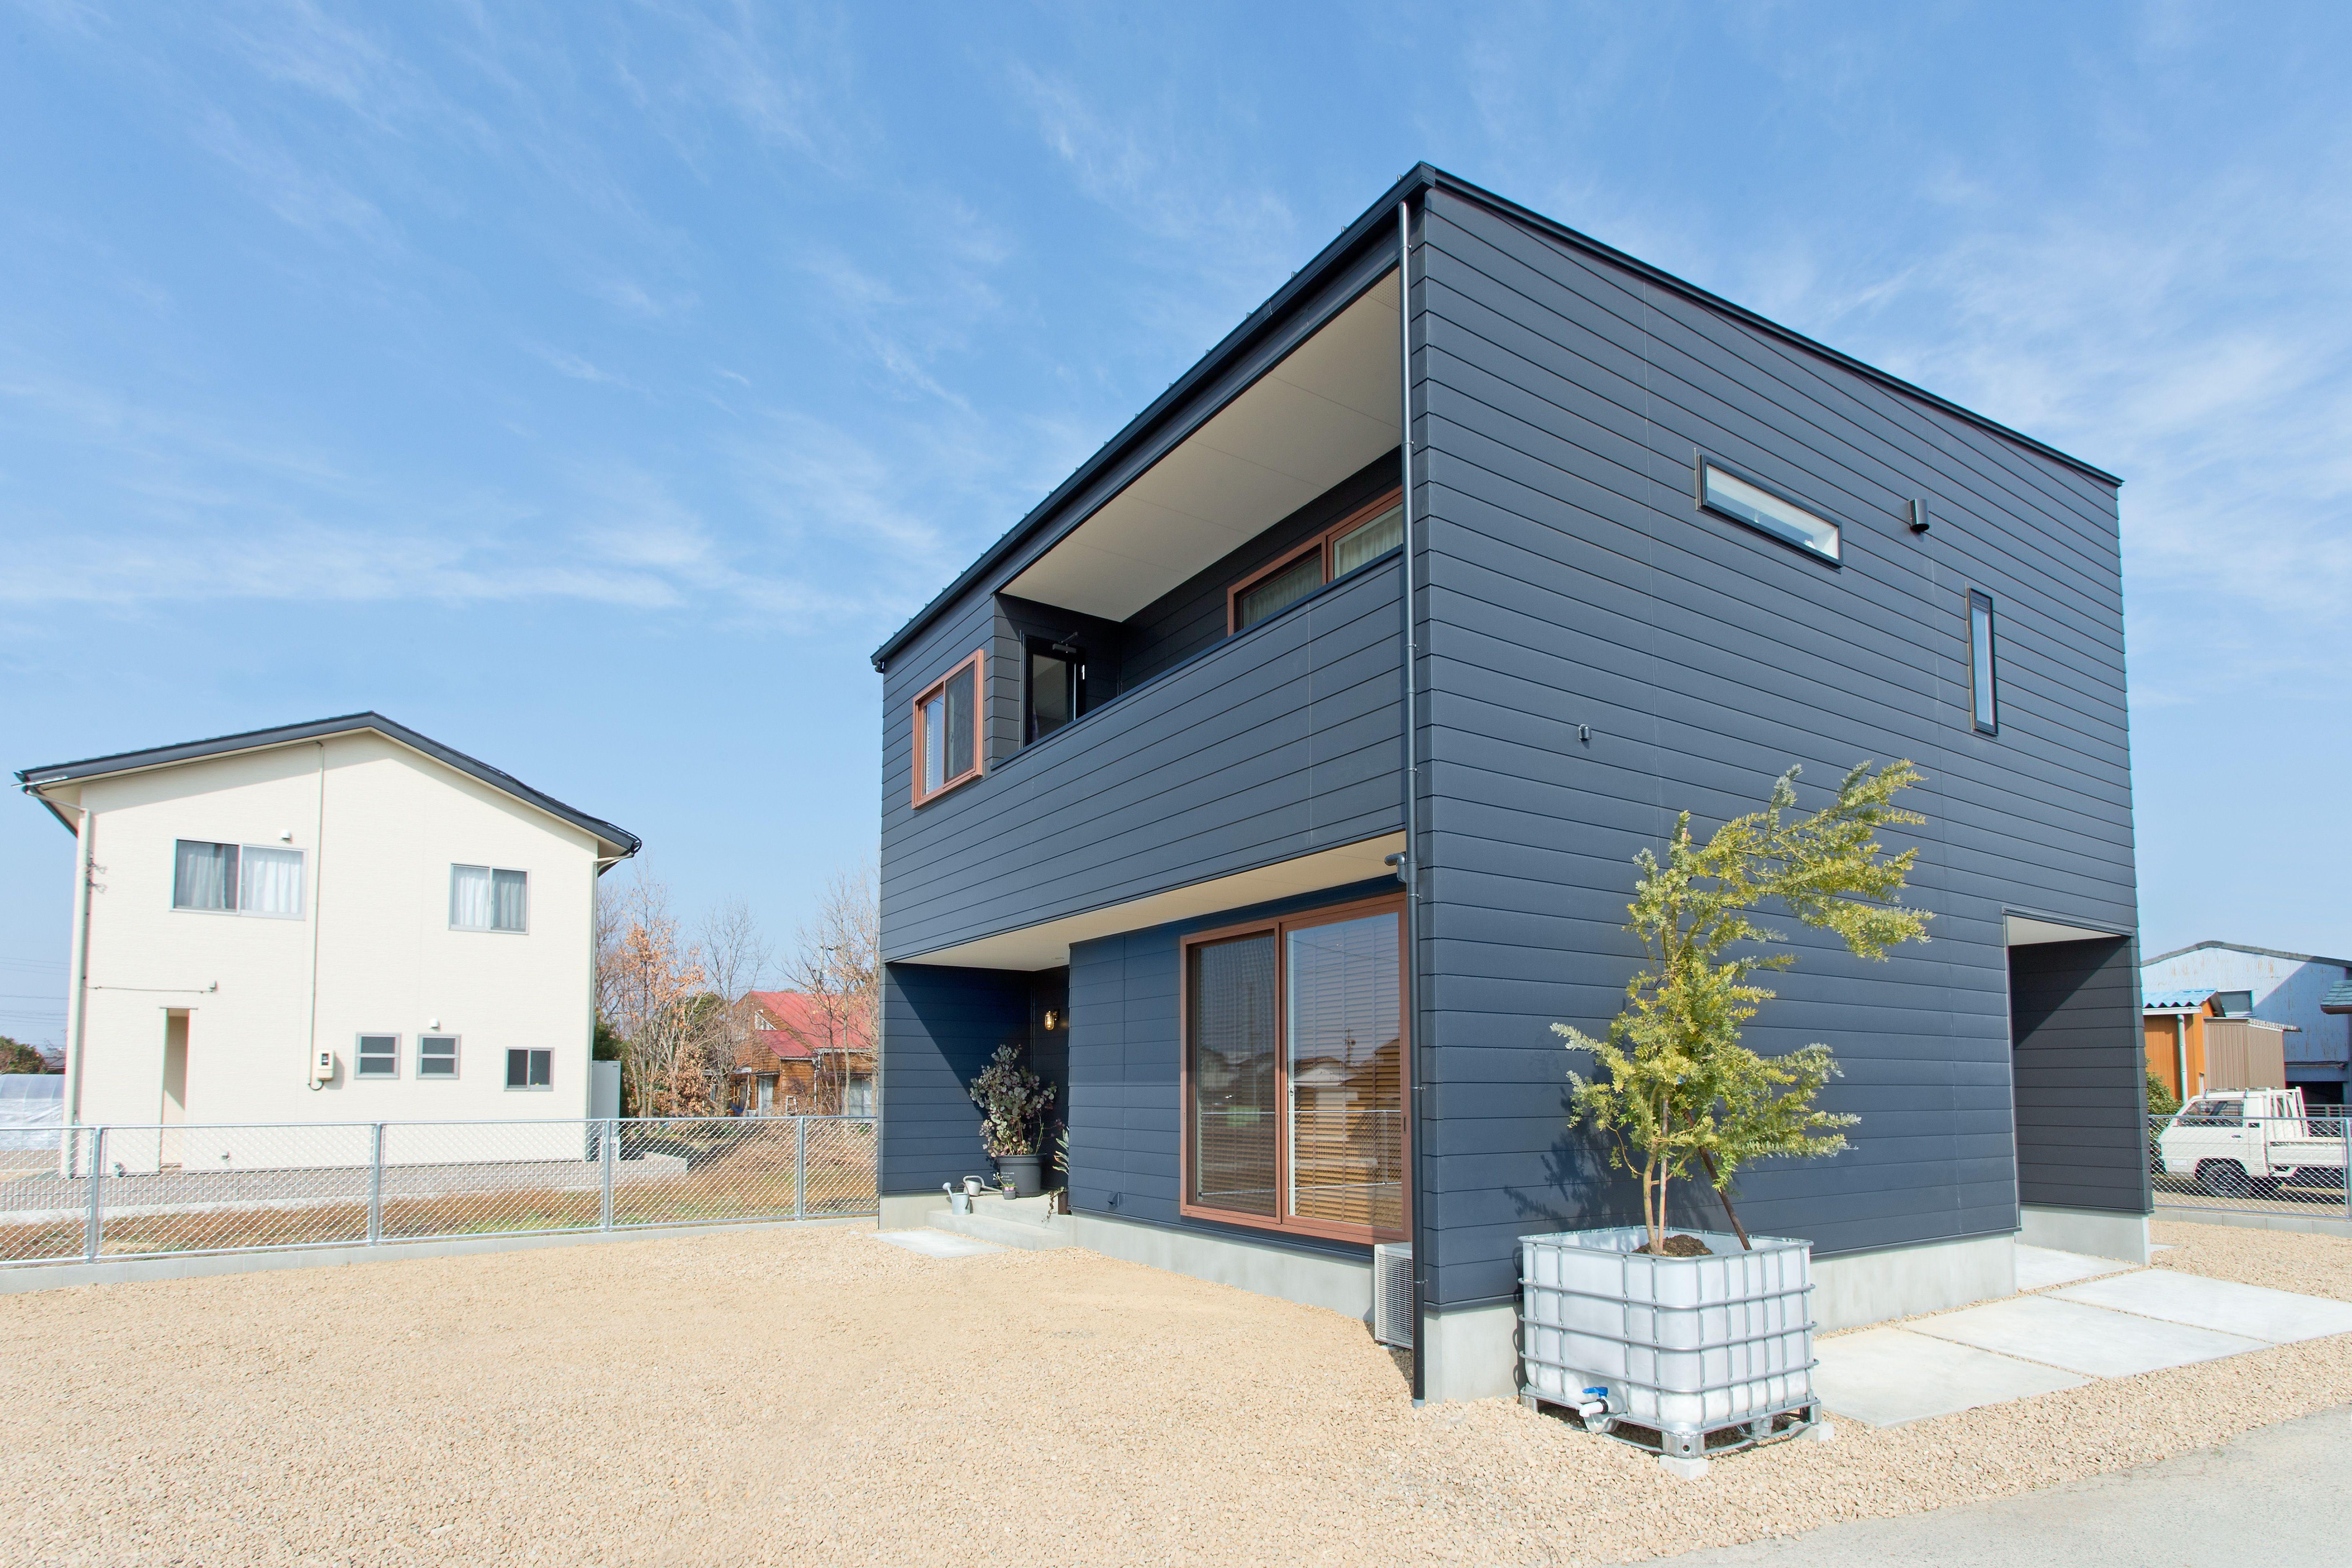 ガルバリウム鋼板の外壁に木目調サッシが映えるデザインです 外構